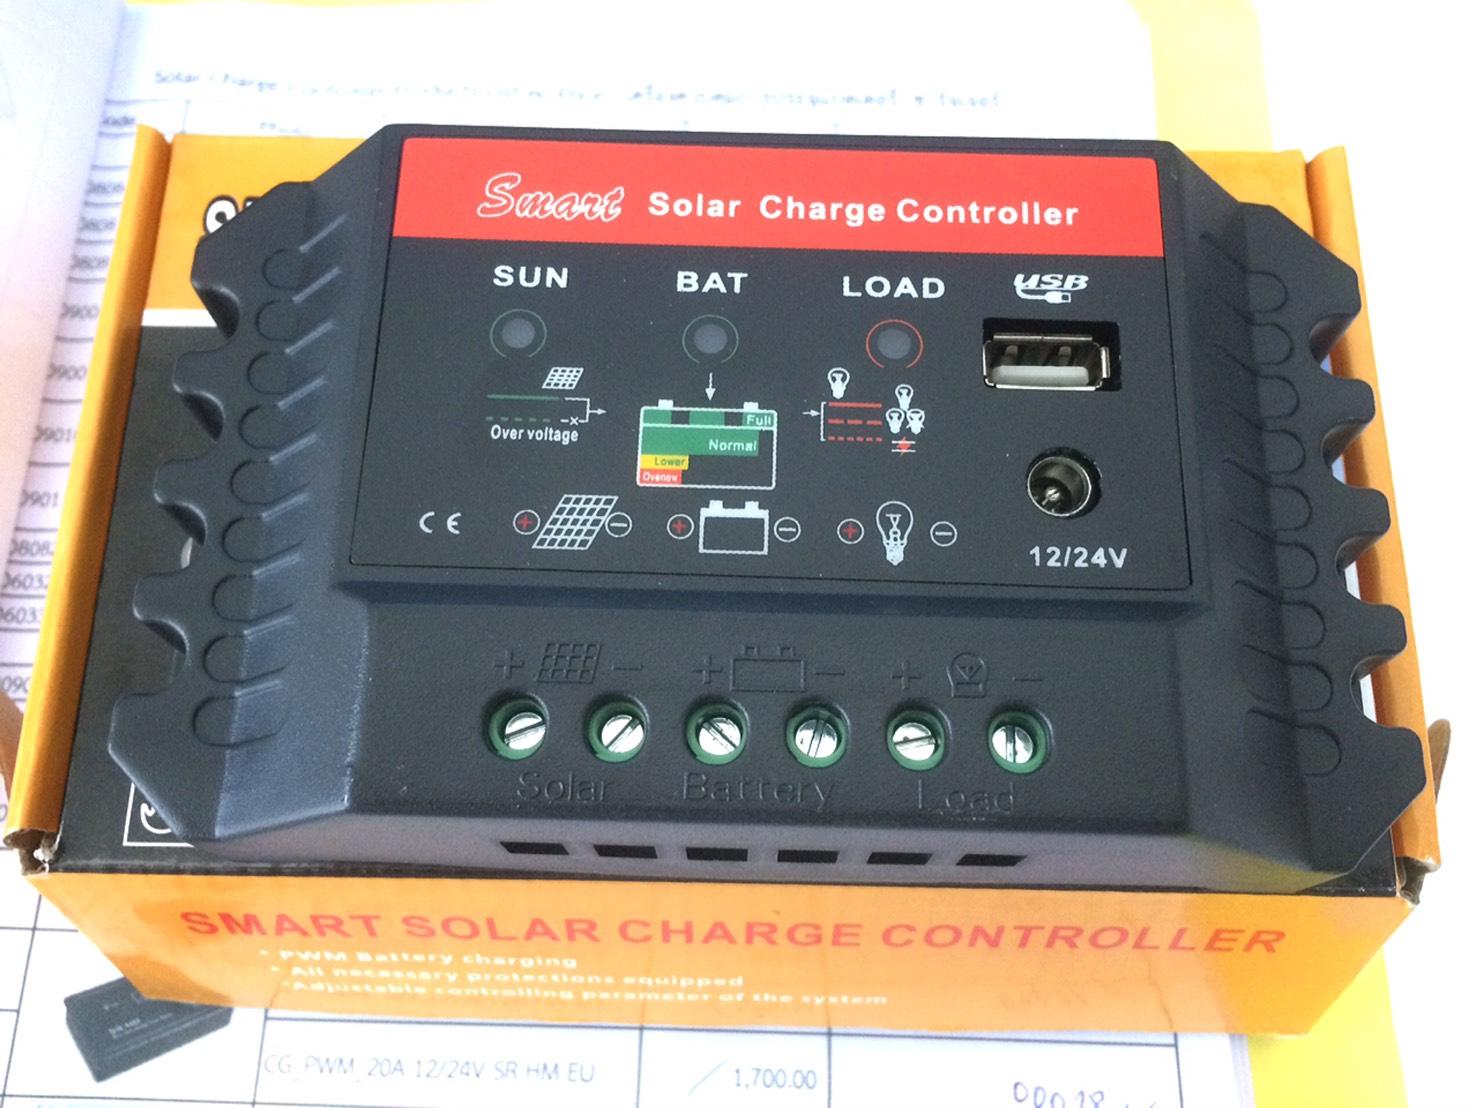 ตัวควบคุมการชาร์จแบตเตอรี่ แบบ PWM ขนาด 10A 12/24V with LED display and USB (QWS)